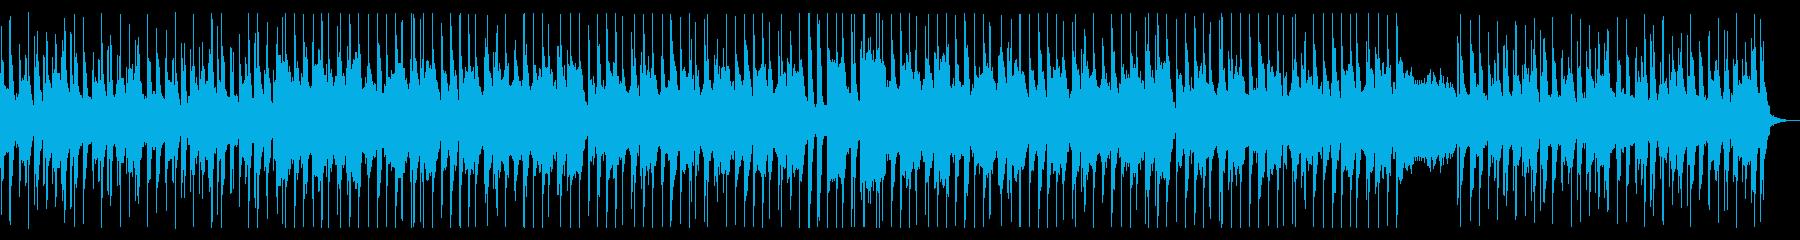 キャッチーで可愛らしいシャッフルポップスの再生済みの波形